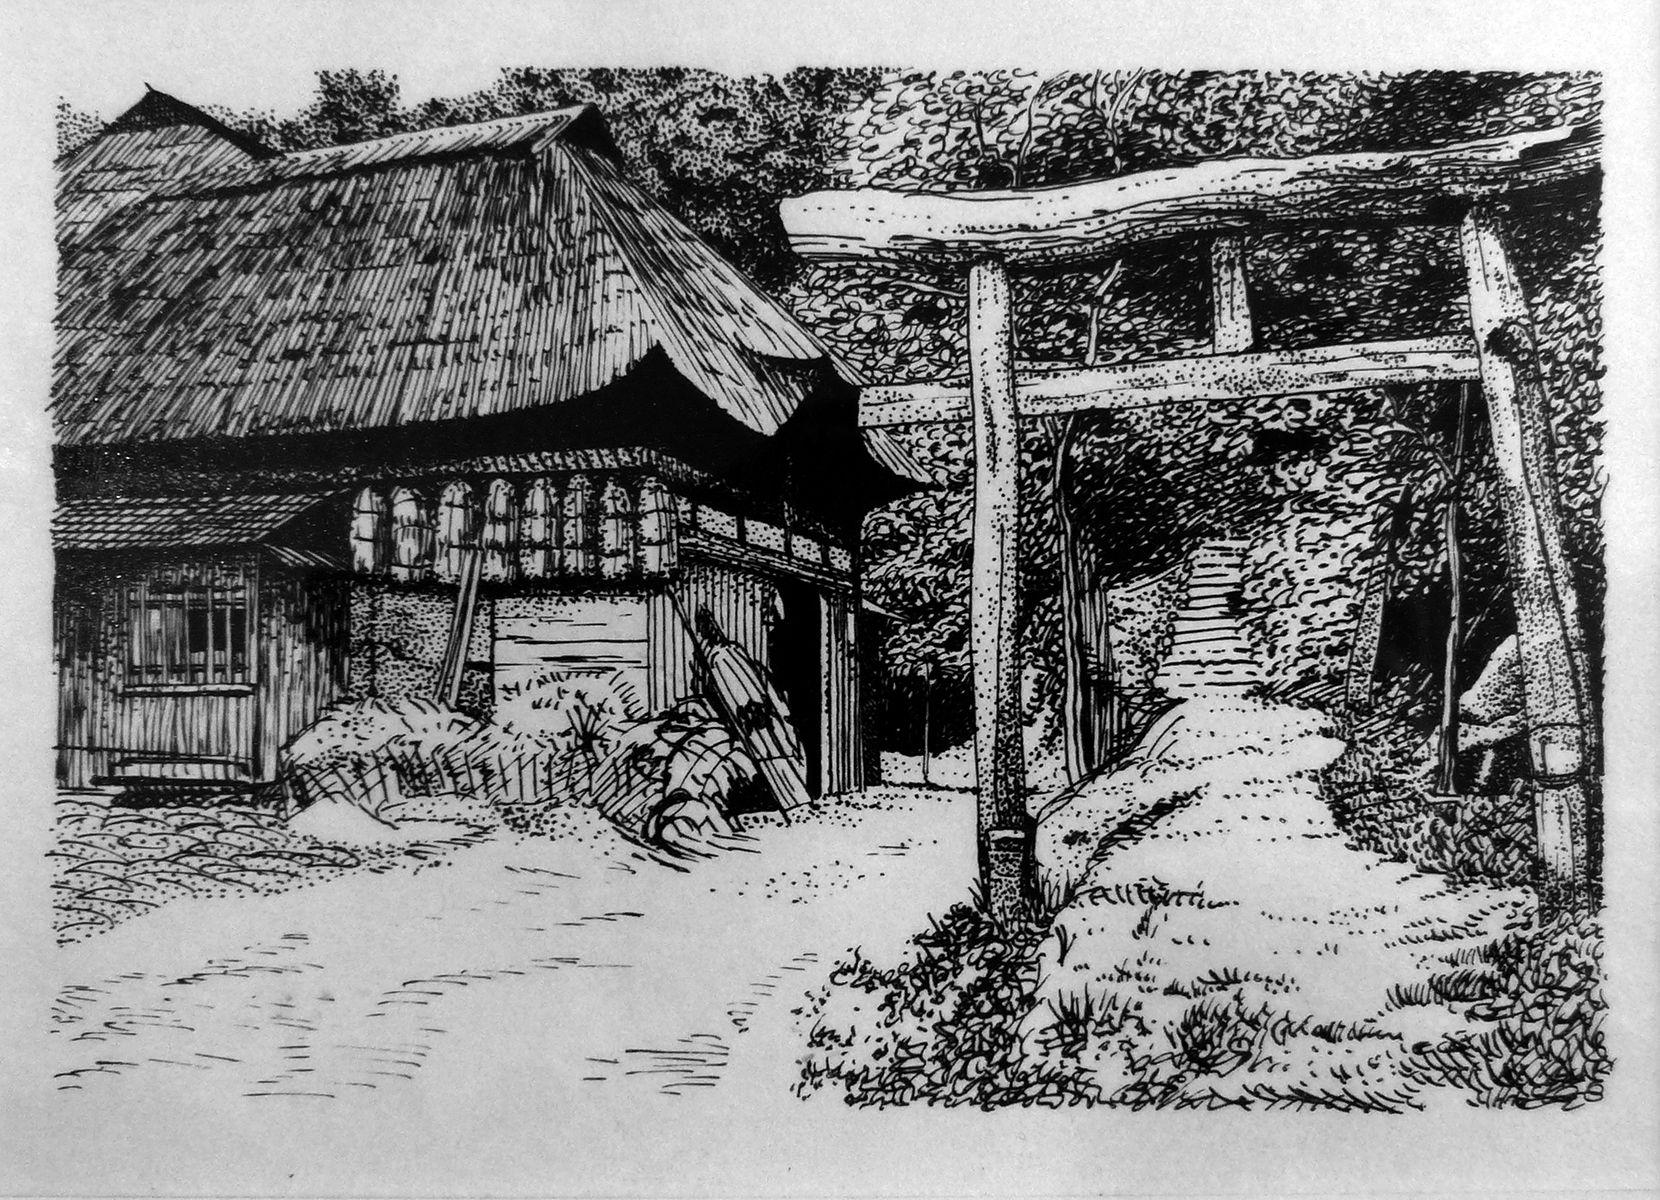 Illustration for the book of bruno taut das japanische for Das japanische wohnhaus